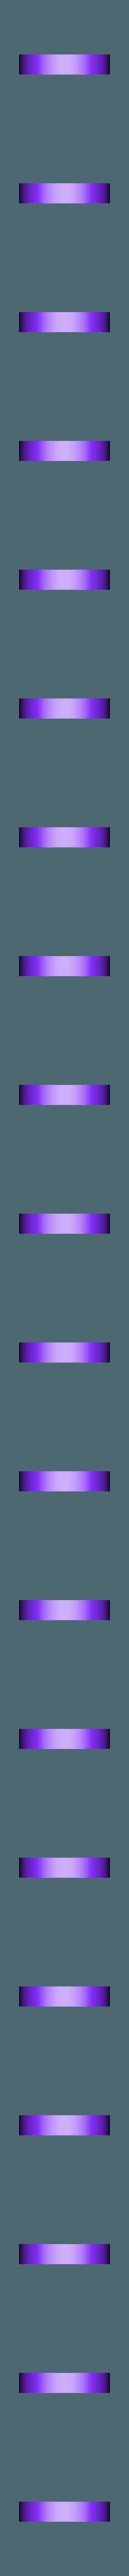 Ring v1.stl Télécharger fichier STL gratuit Le casse-tête du paracord perplexe • Modèle pour imprimante 3D, PrecisionPrintingTN